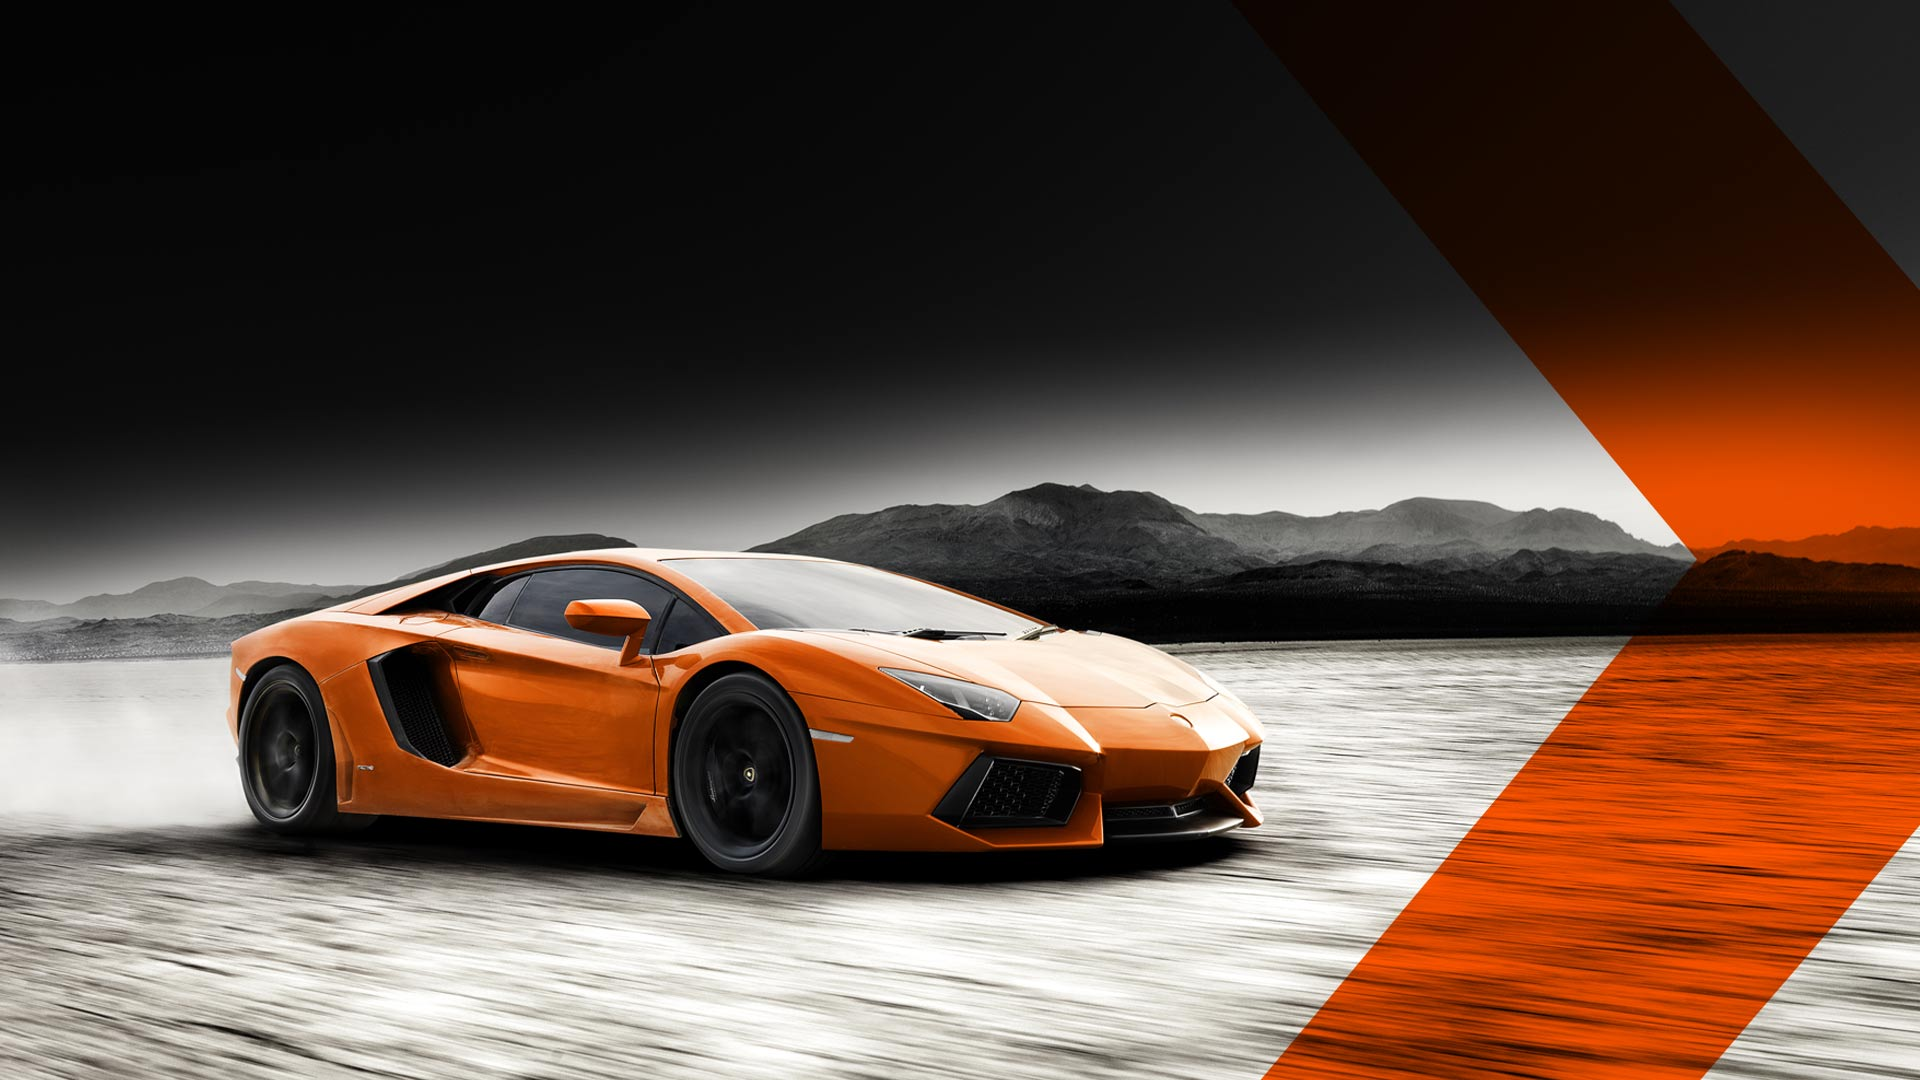 Lamborghini Aventador LP700 пришел на смену предшественнику Lamborghini Murciélago в 2011 году